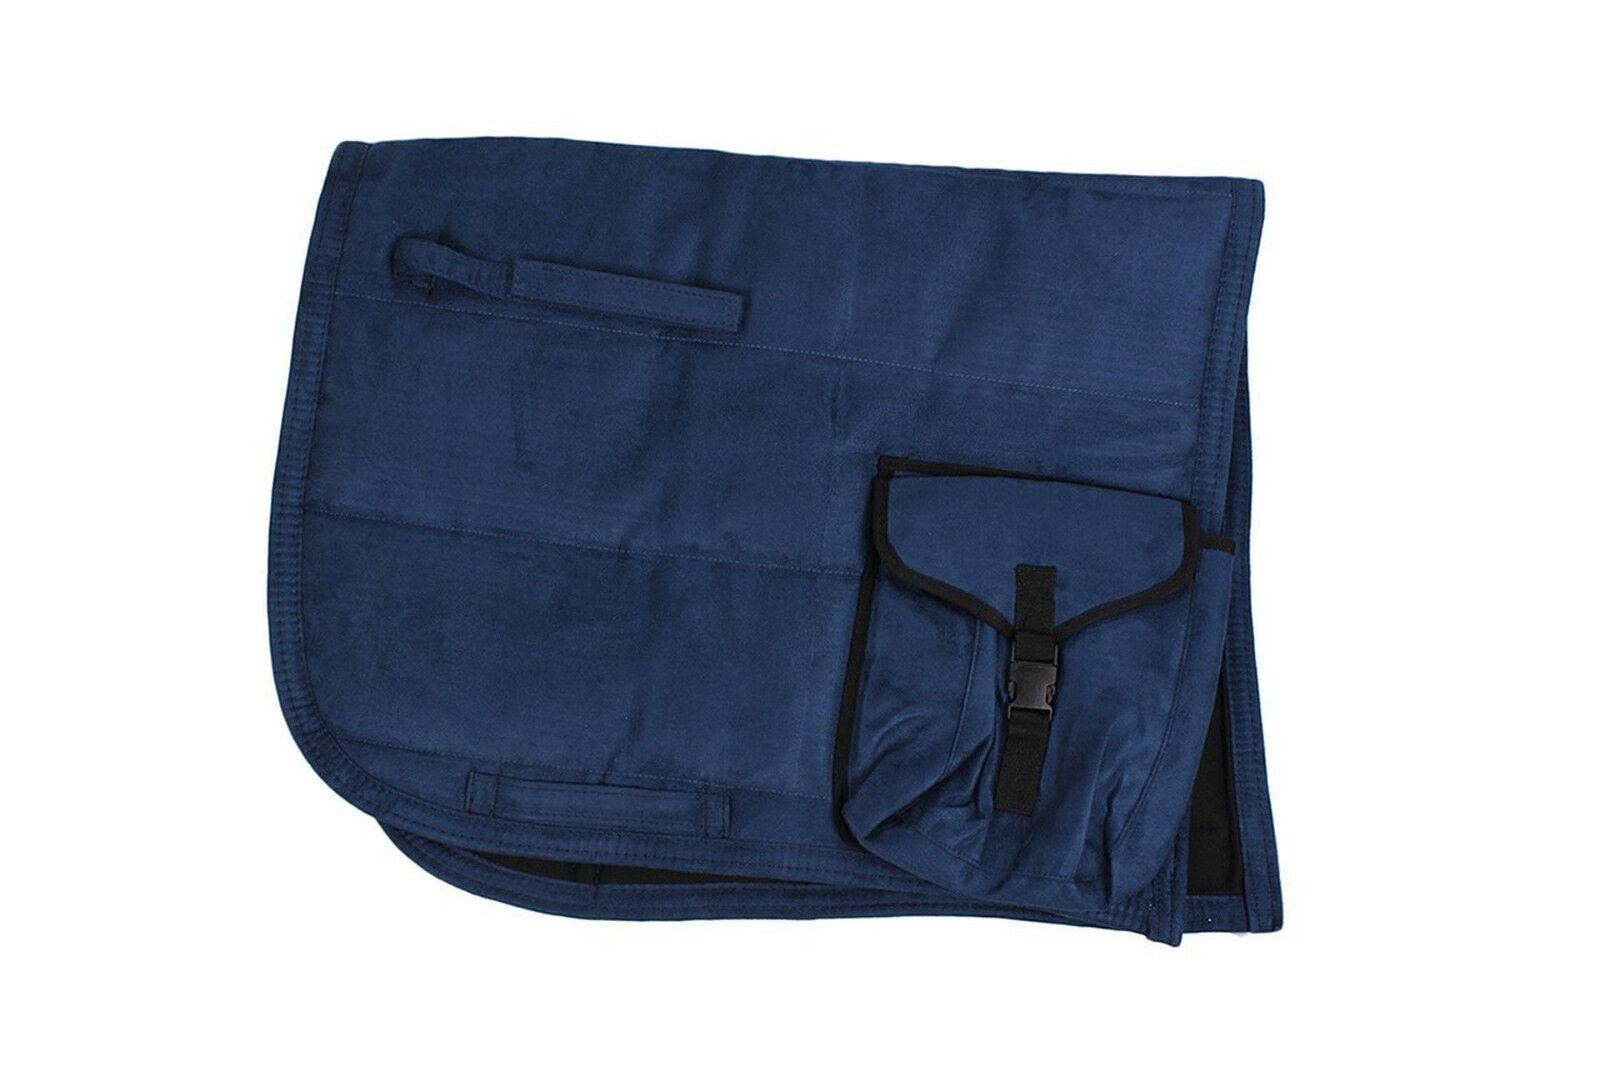 QHP Sattelpad Puff Puff Puff Pad mit Tasche Suedine absorbierende Unterseite viele Farben 837b99